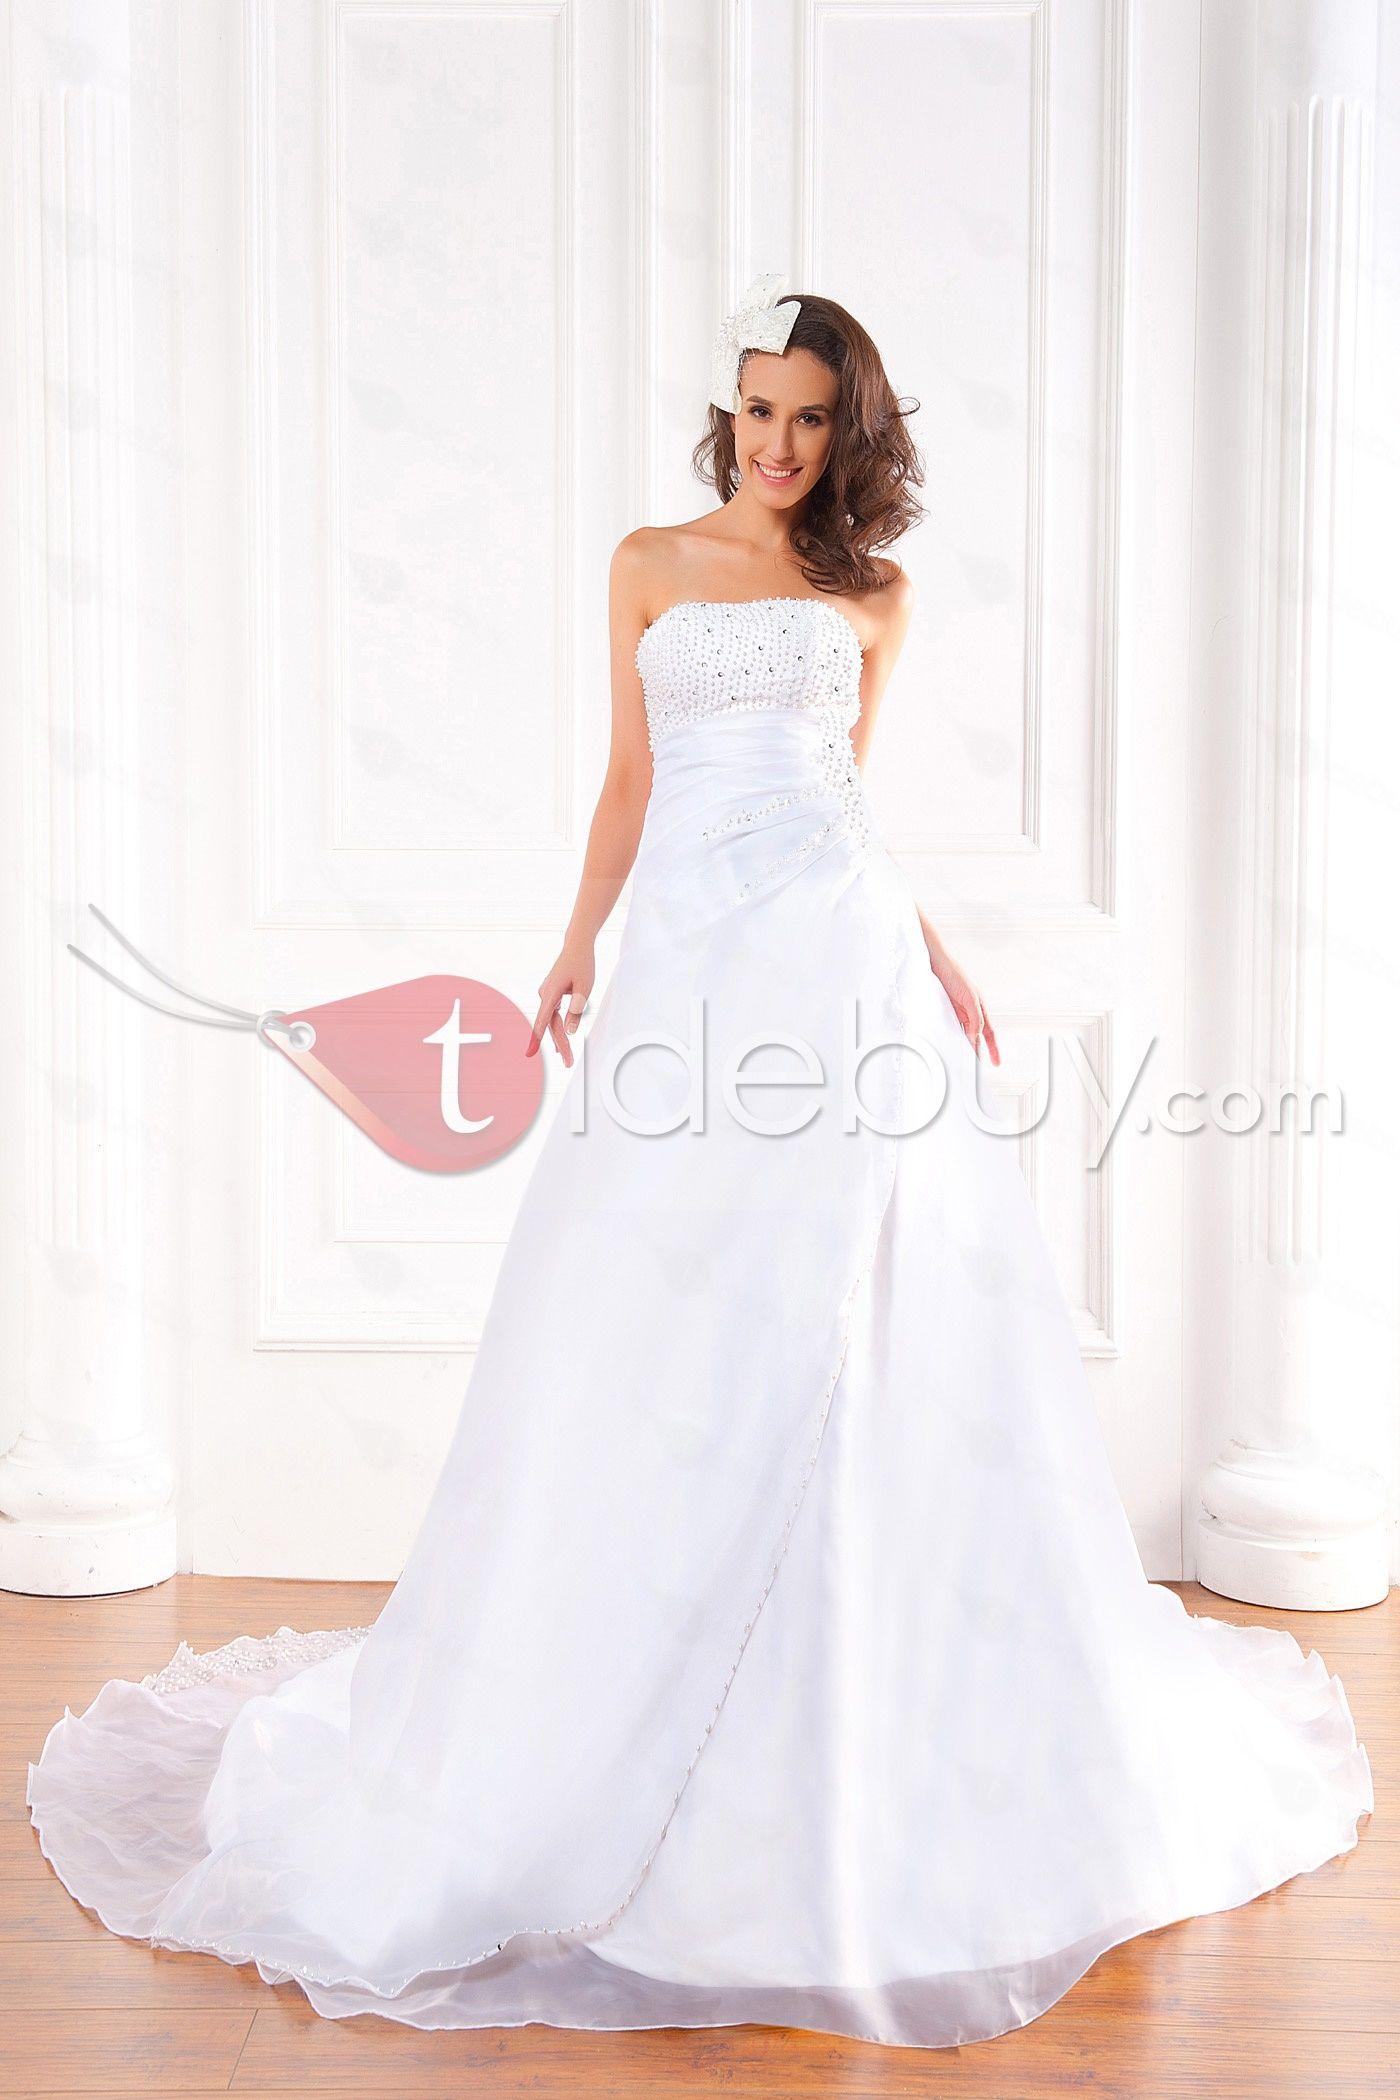 Aラインストラップレス床まで届く長さチャペルビーズウェディングドレス